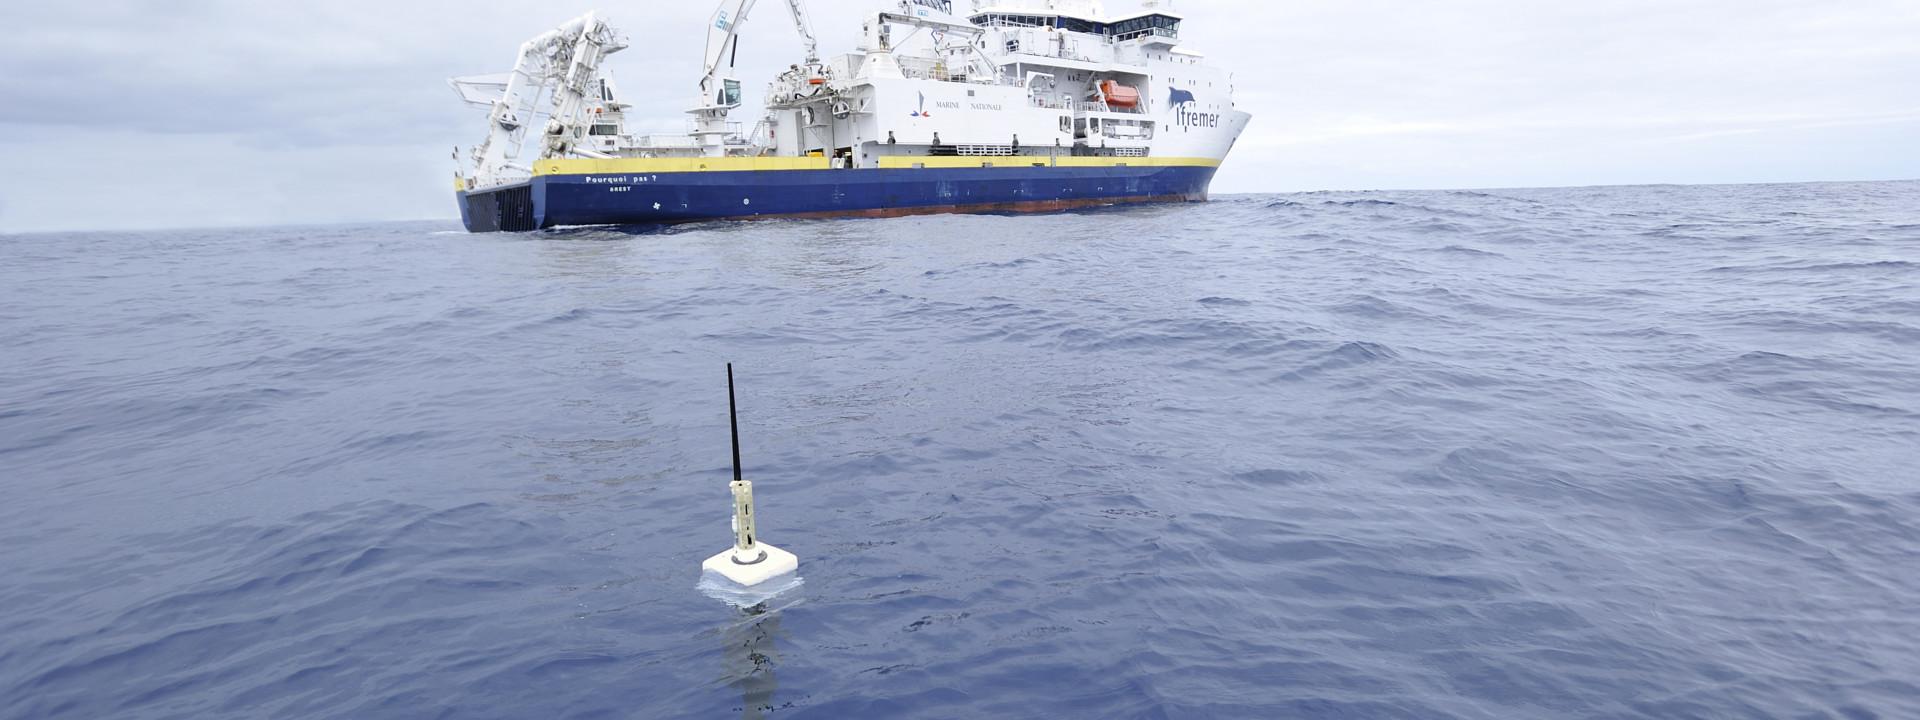 Arvor float at sea (2009 - Pourquoi Pas ? Vessel)